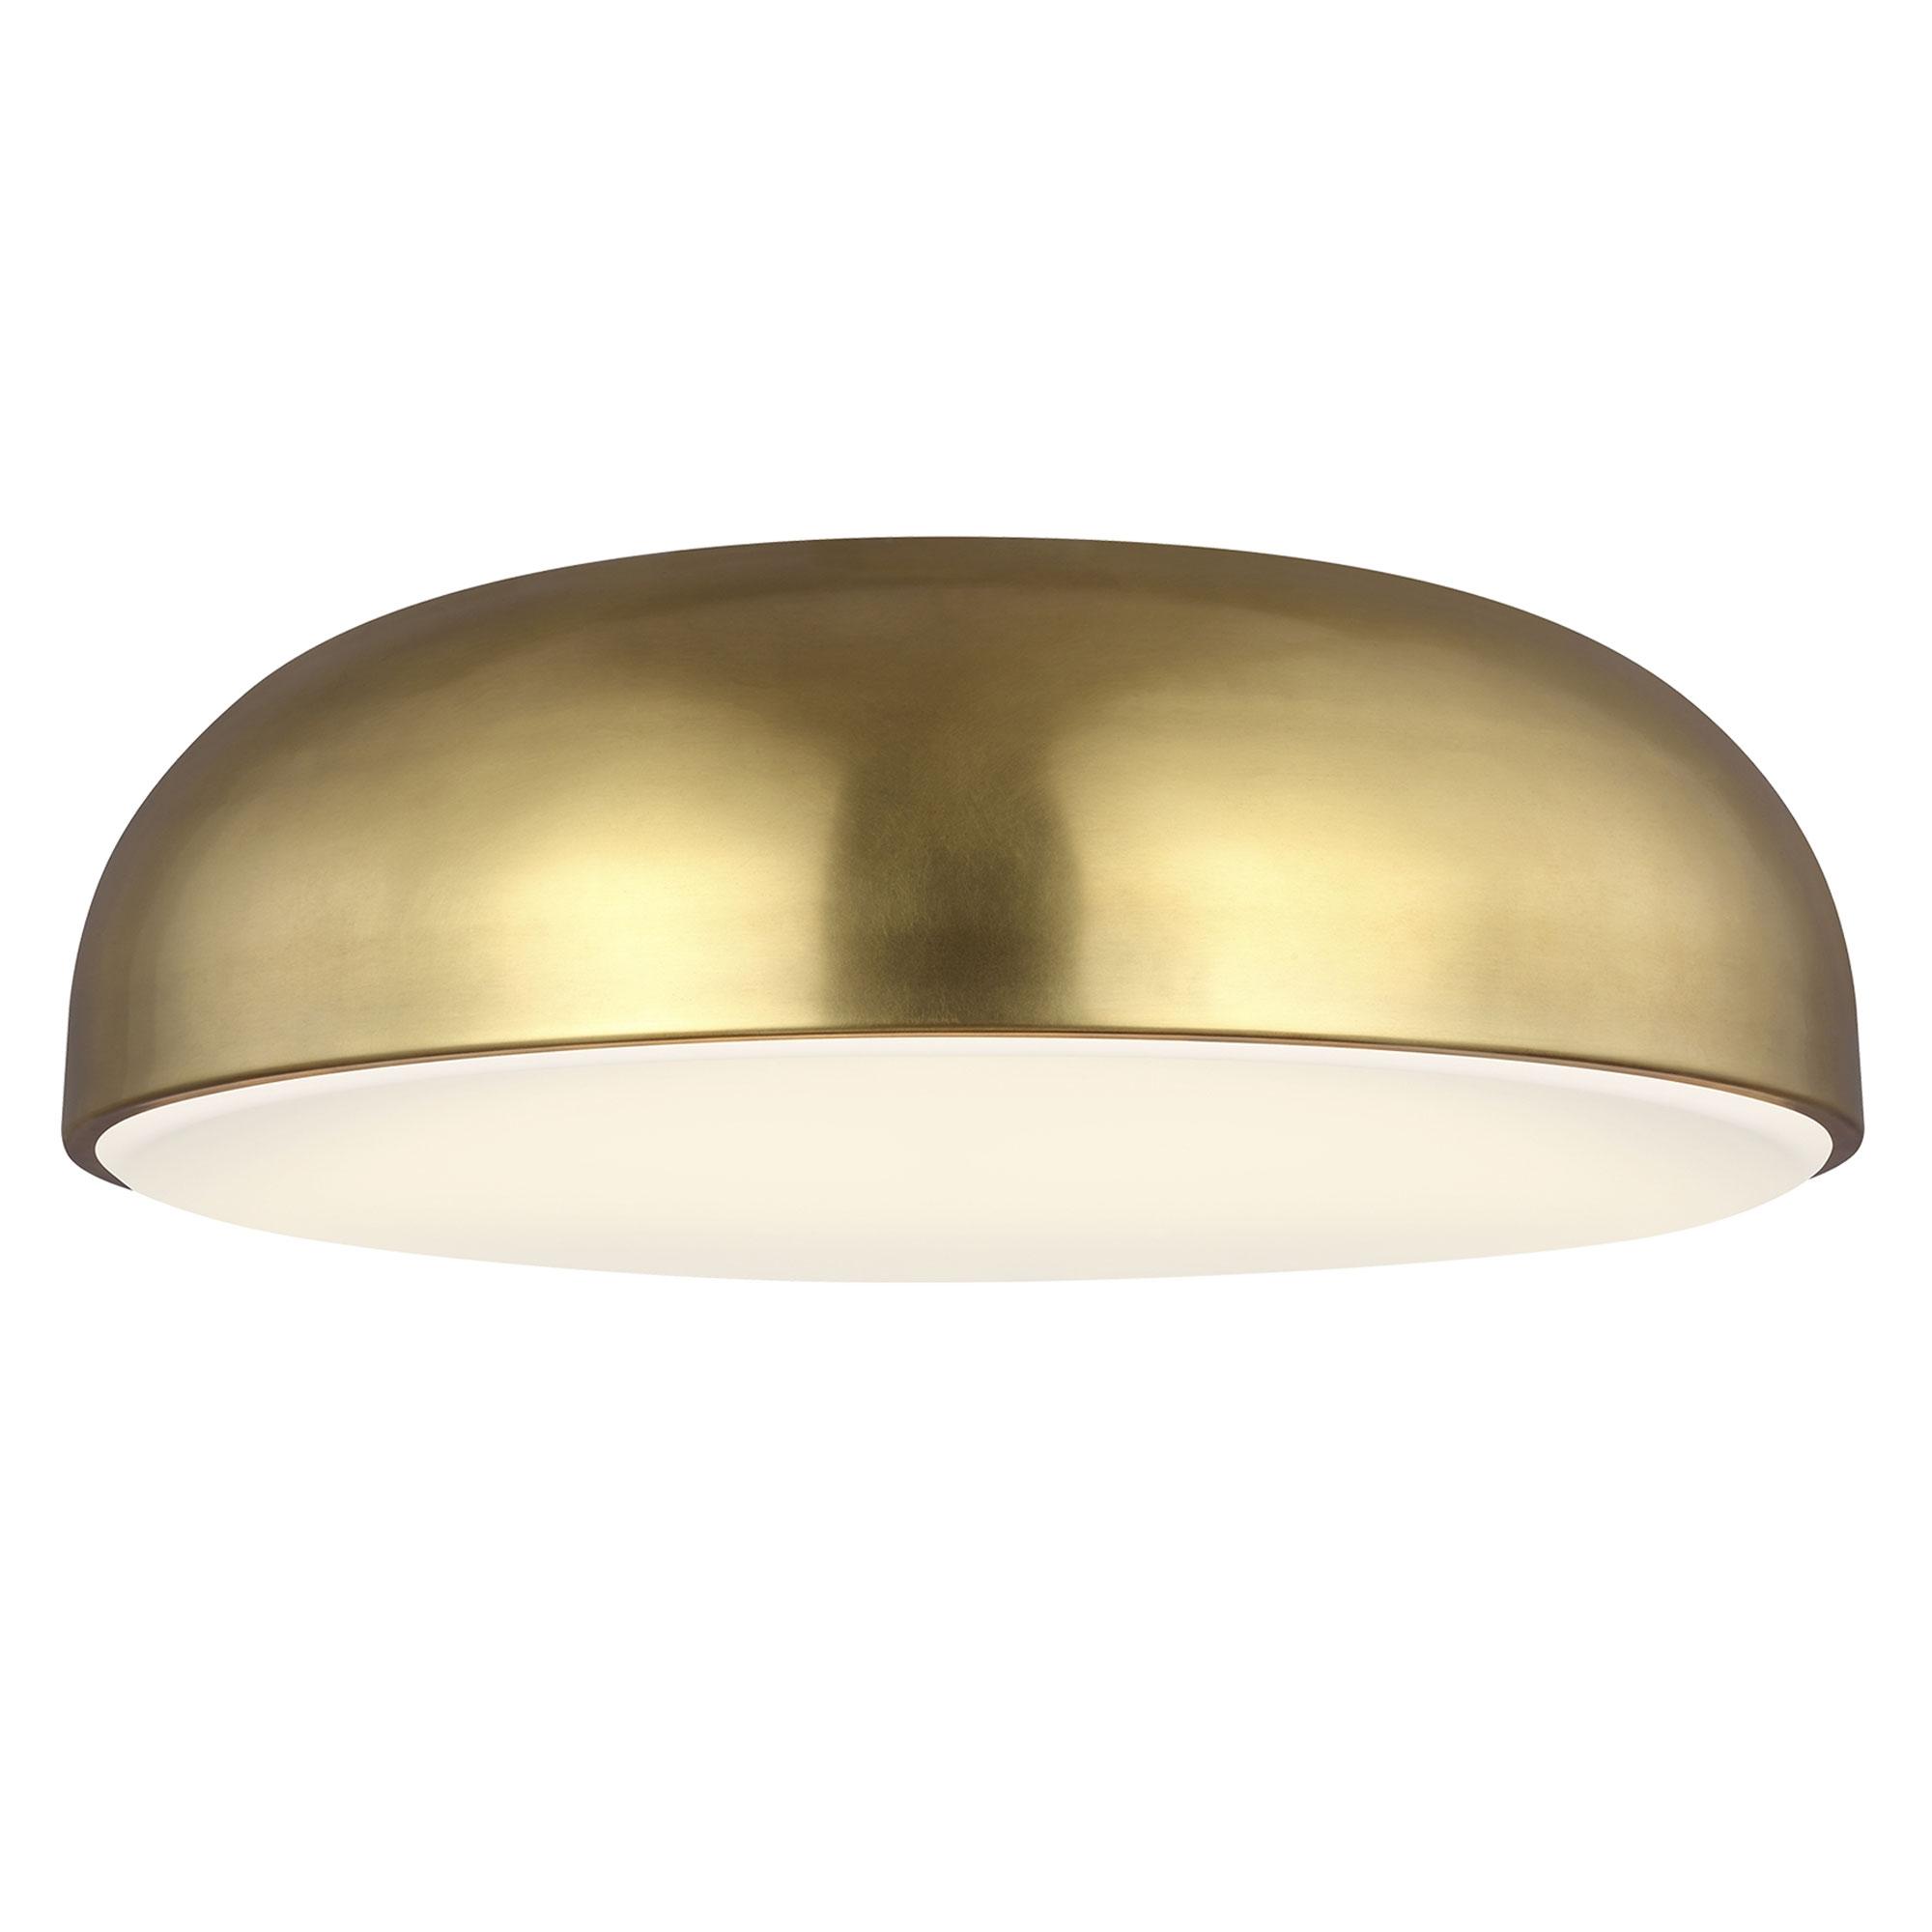 Kosa ceiling light fixture by tech lighting